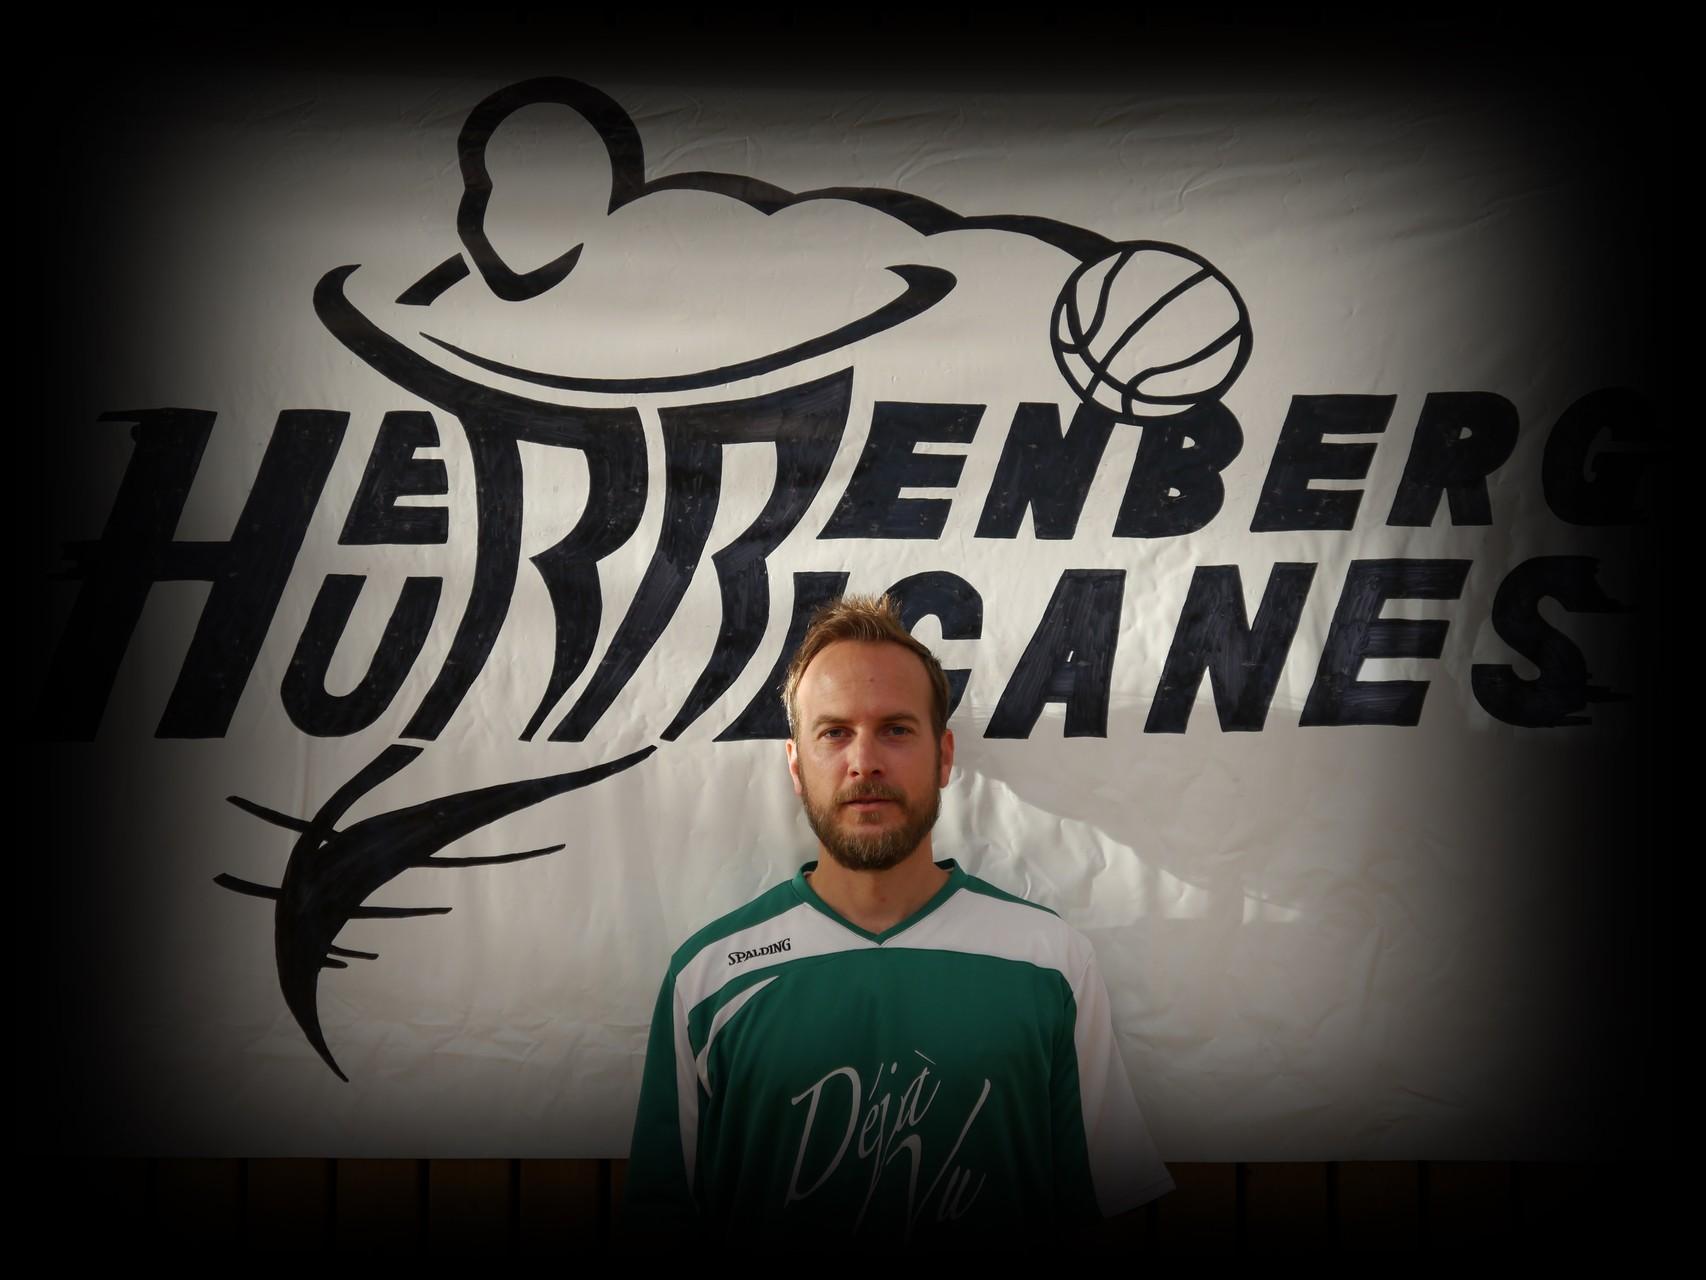 Bennet Melcher ǀ 37 Jahre ǀ 176cm ǀ Flügel ǀ Mitglied seit 2010